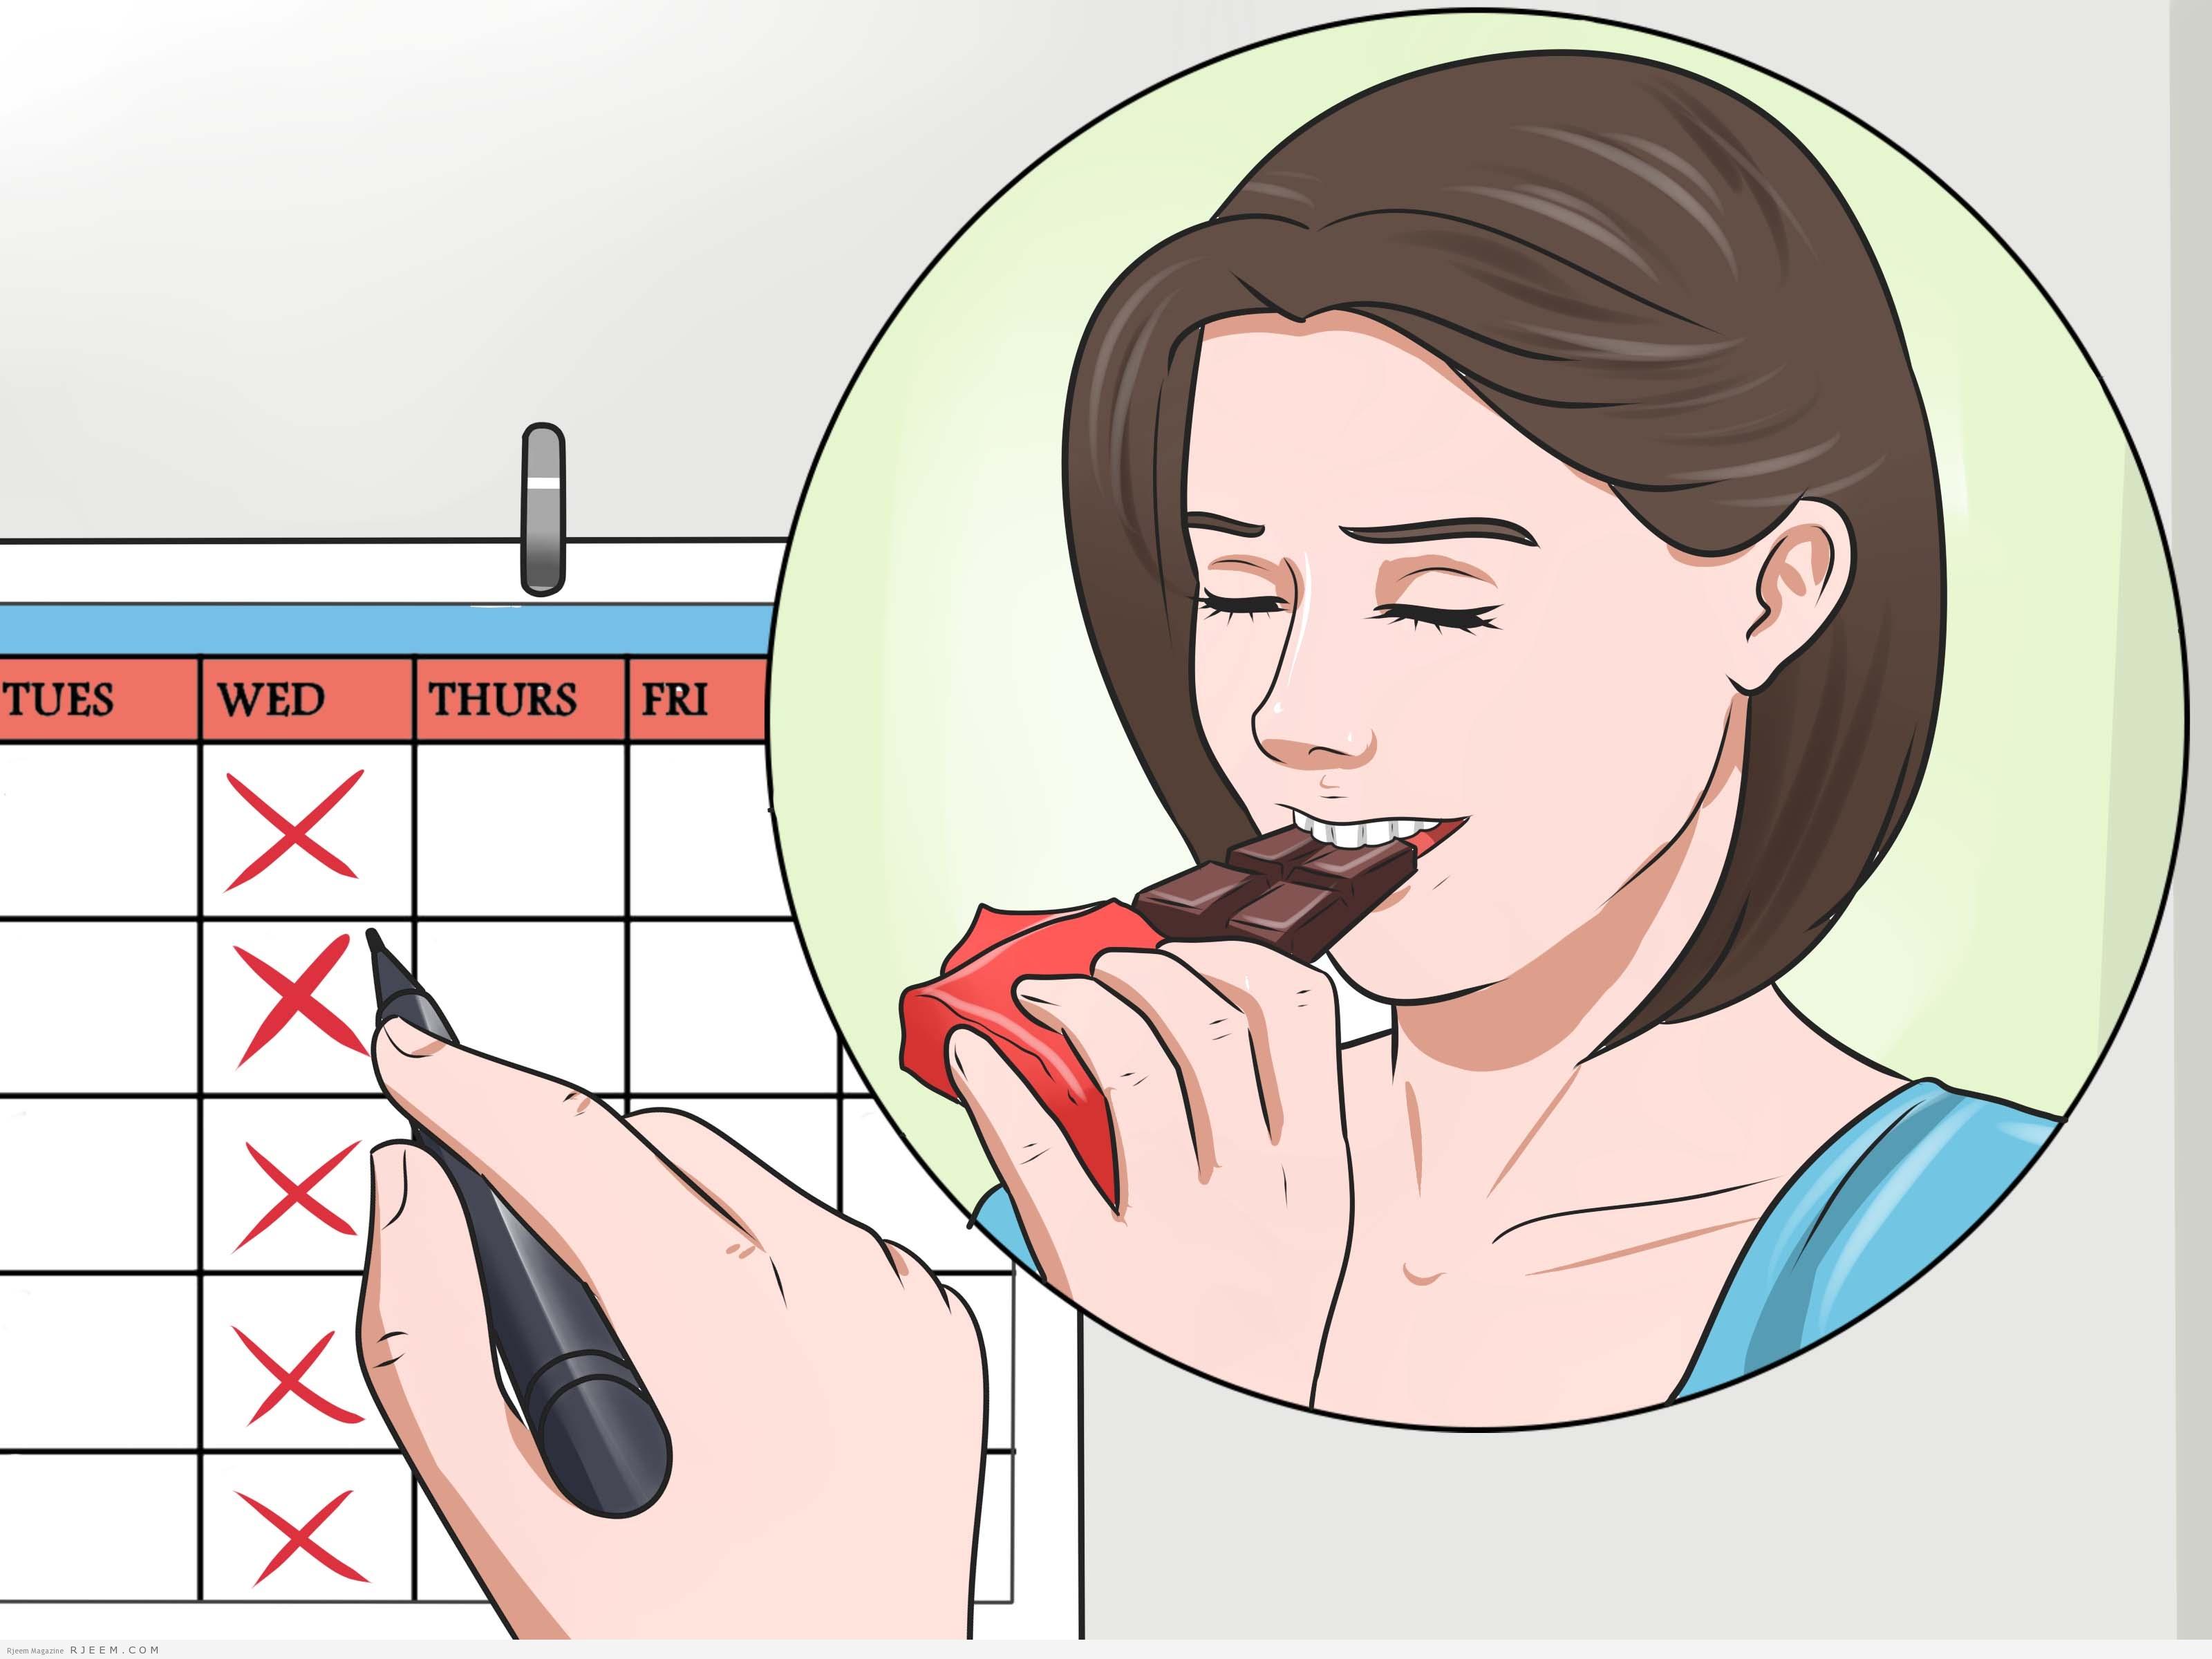 نصائح لخسارة الوزن الزائد بسرعه